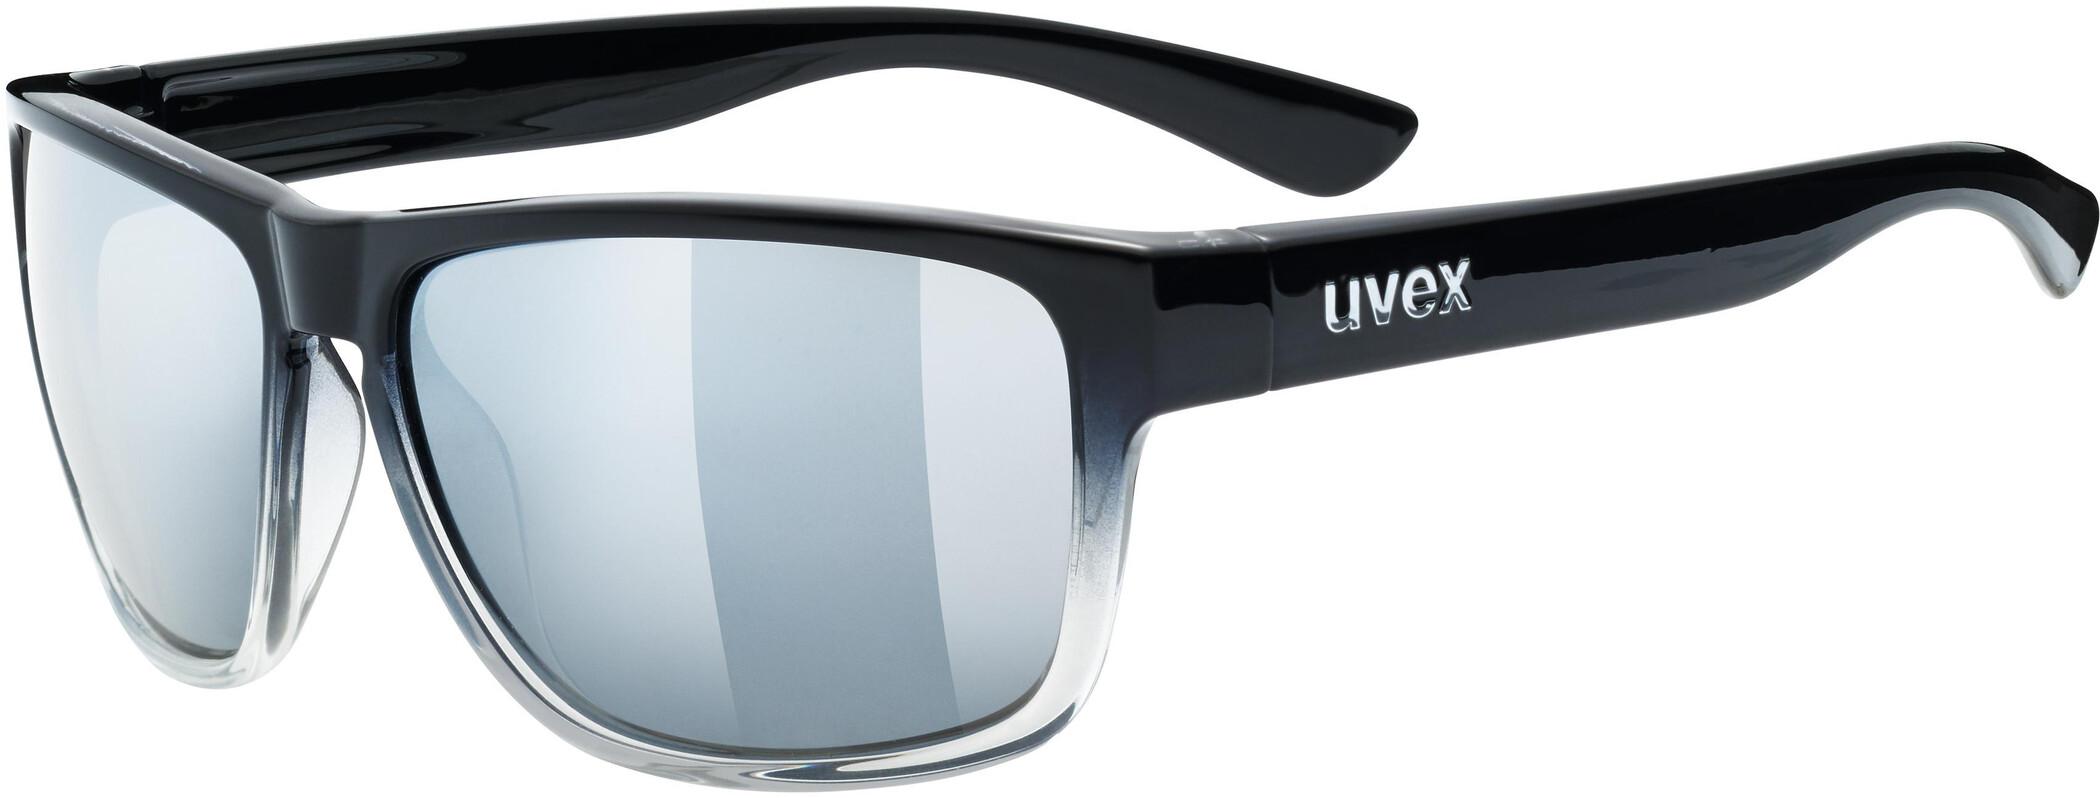 Uvex Brillen »sgl 802 vario«, bunt, blue white/variomatic